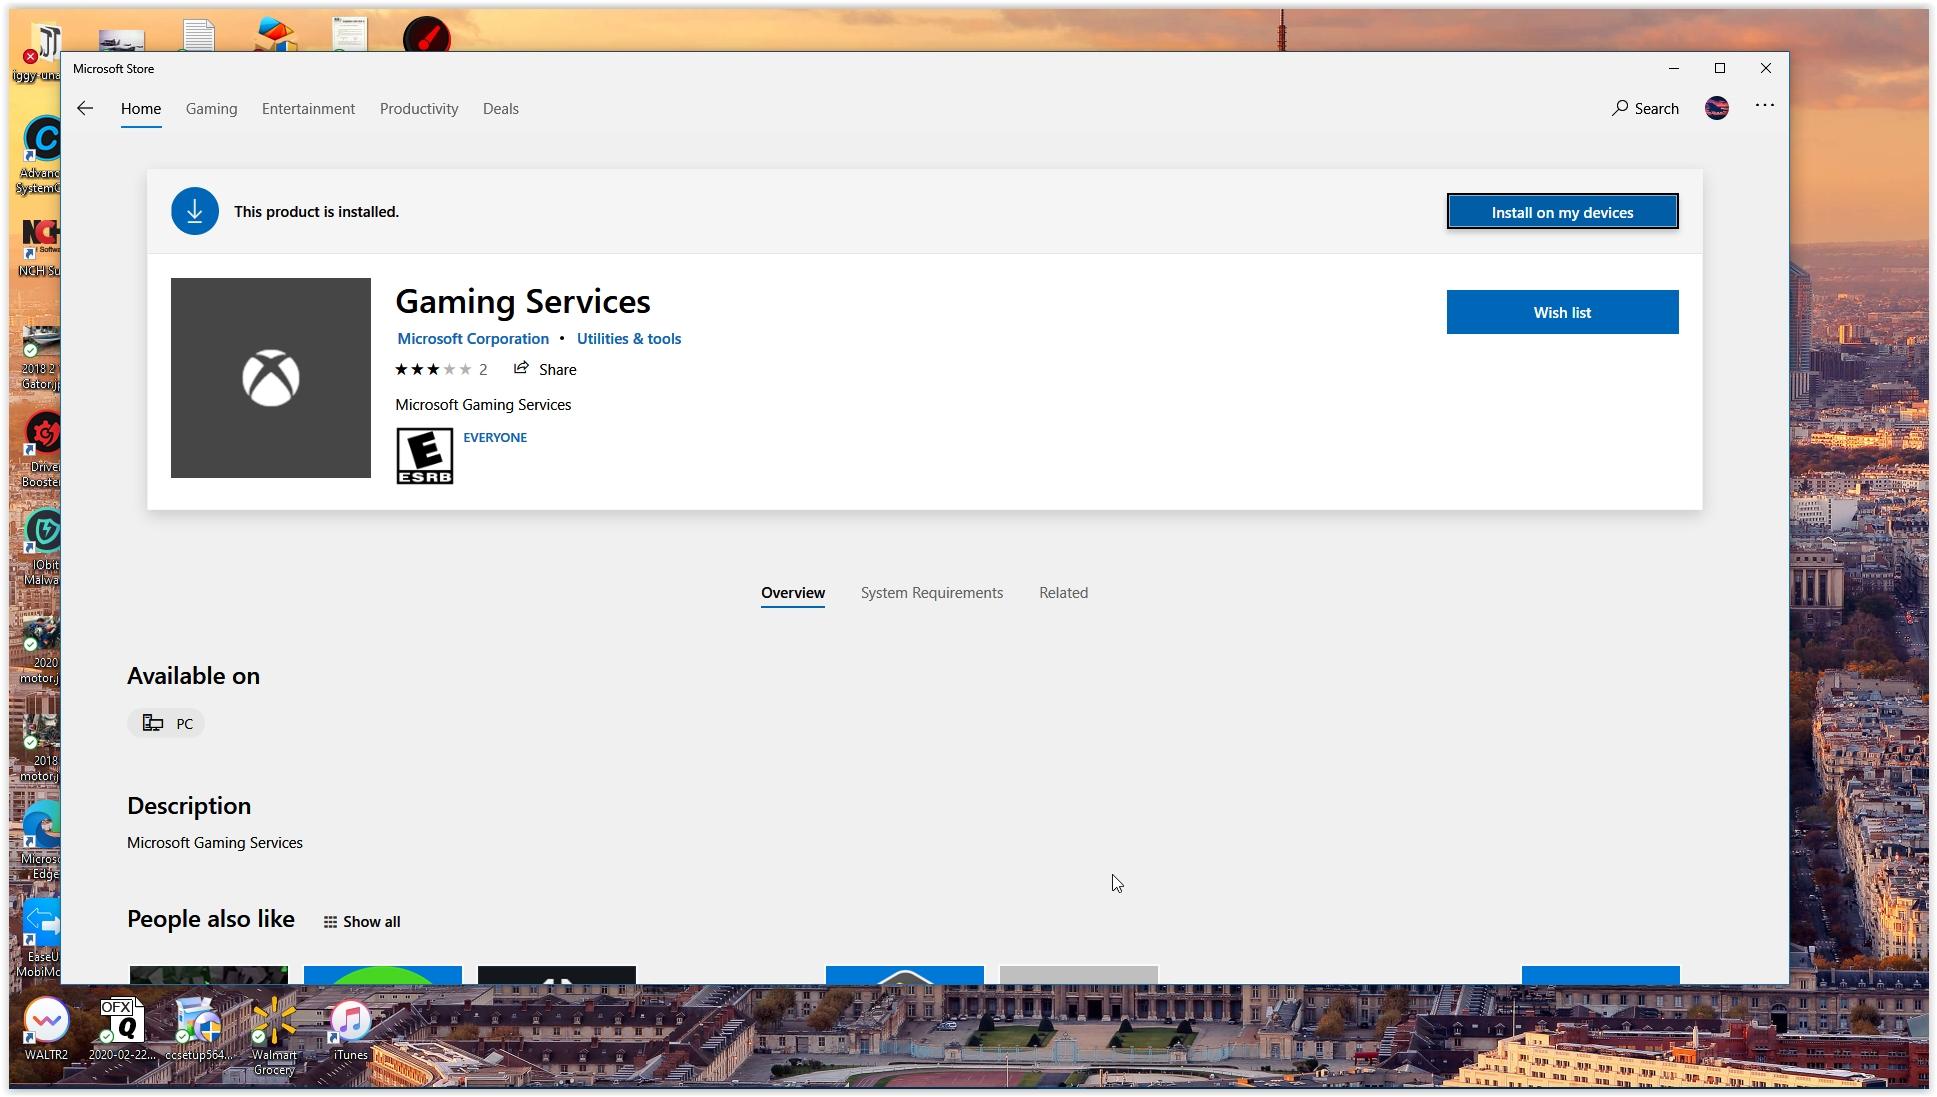 MSFS not loading 438a4ba0-bc7c-4cb8-a31b-37ab66fdf6f7?upload=true.jpg